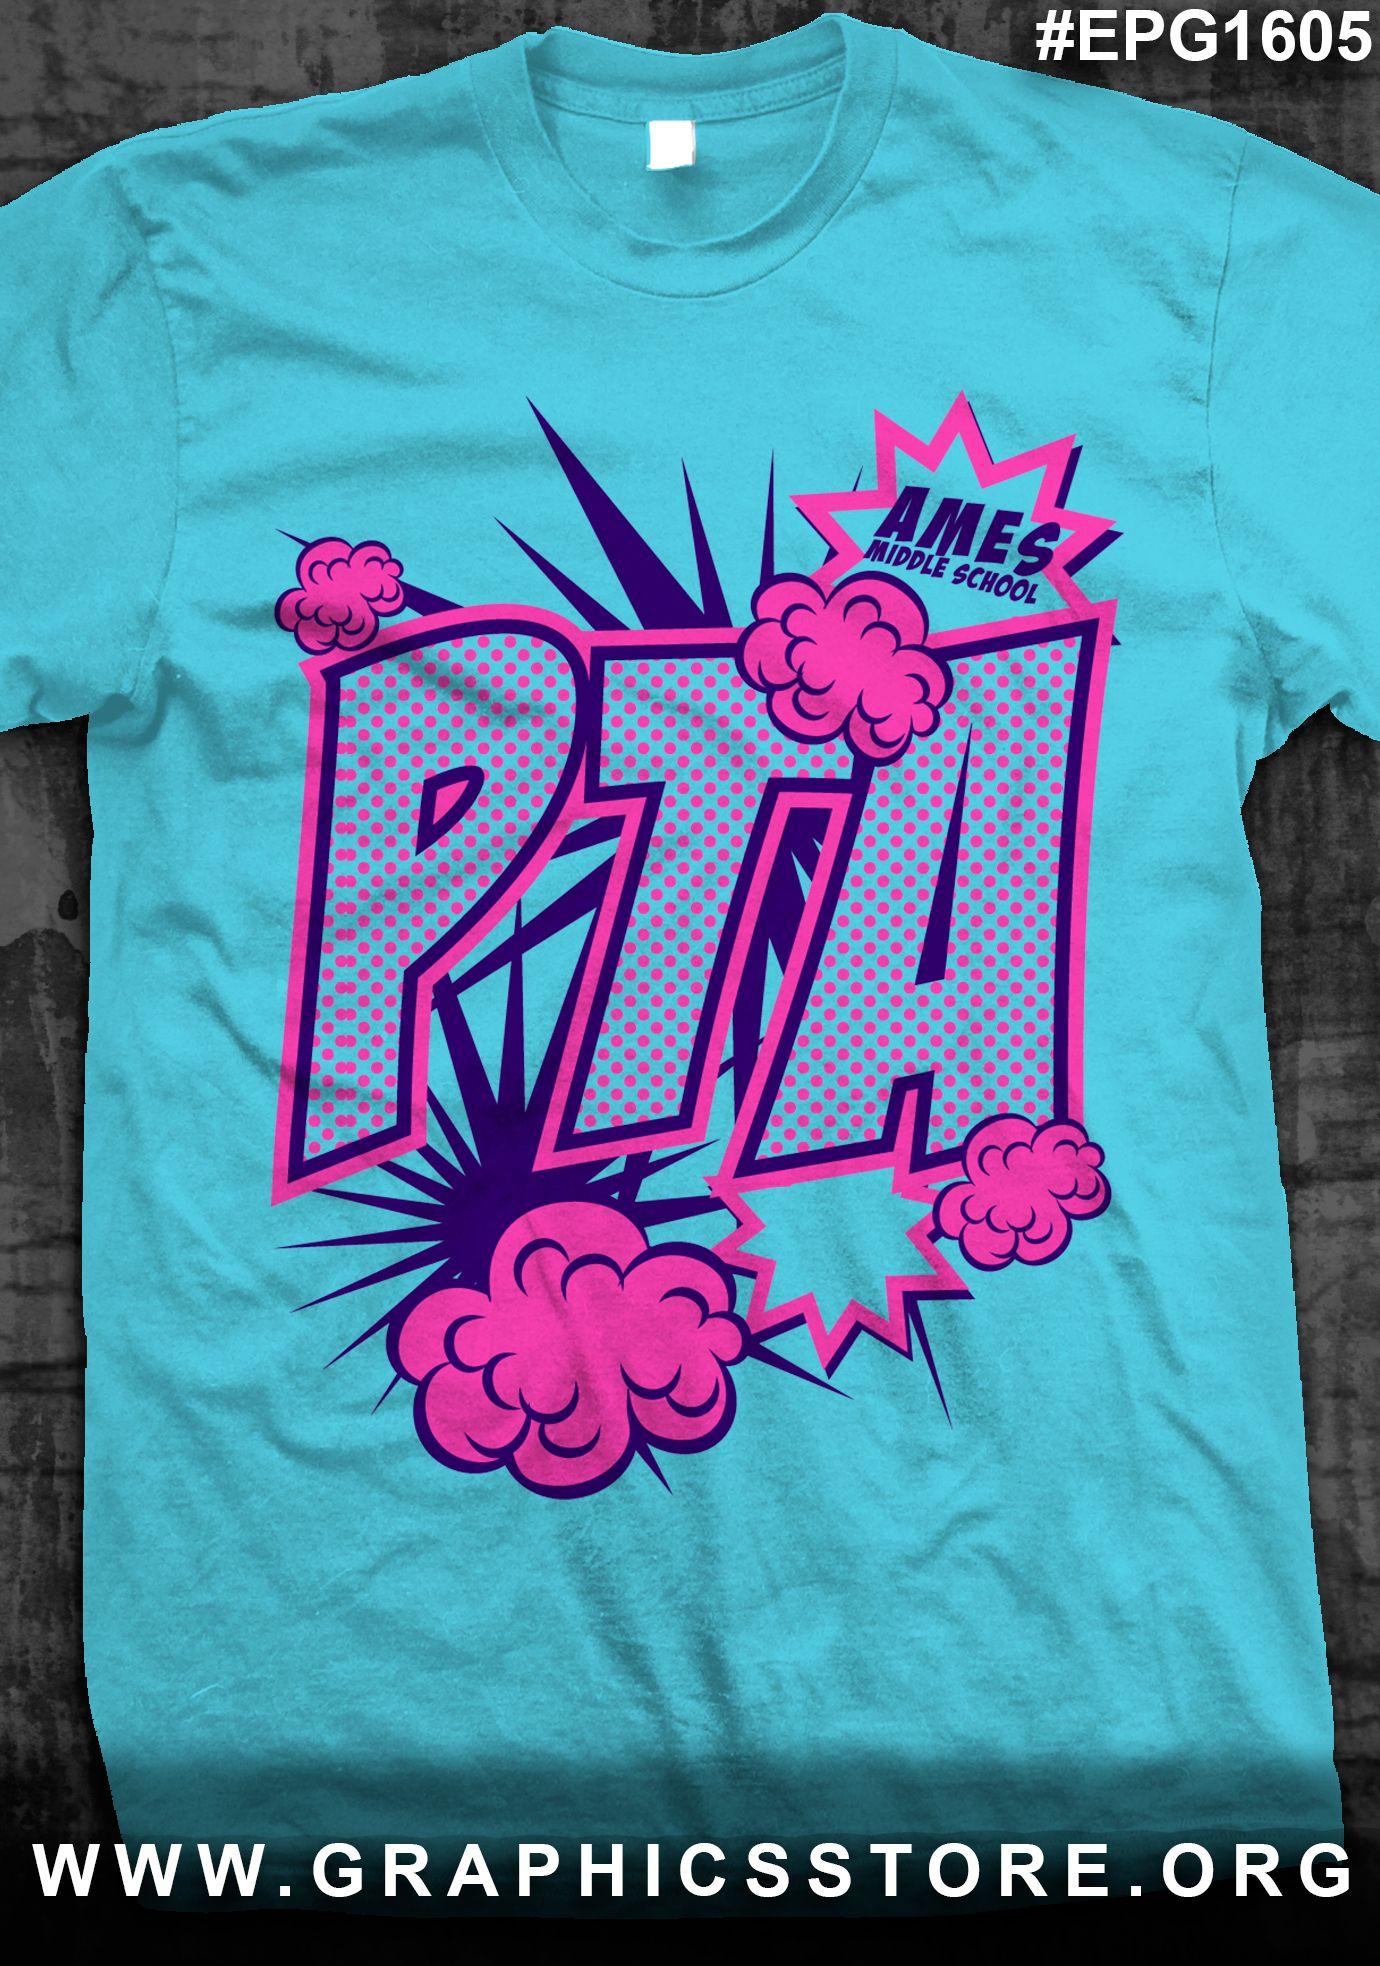 605ba30f9 EPG1605 Comic Book PTA School Shirt Design | PTA | Pta school ...